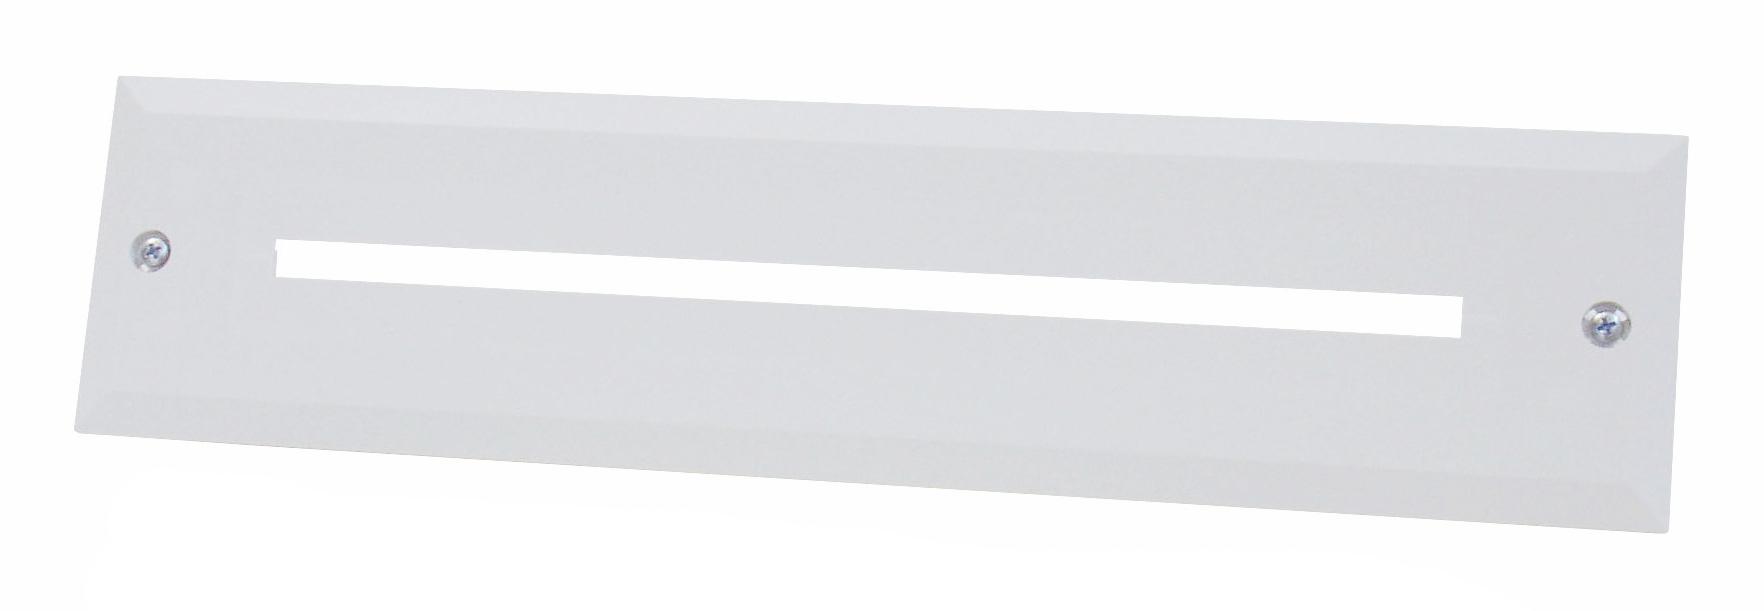 1 Stk Einbaurahmen für KX mit schmalem Ausschnitt NLKXE-----